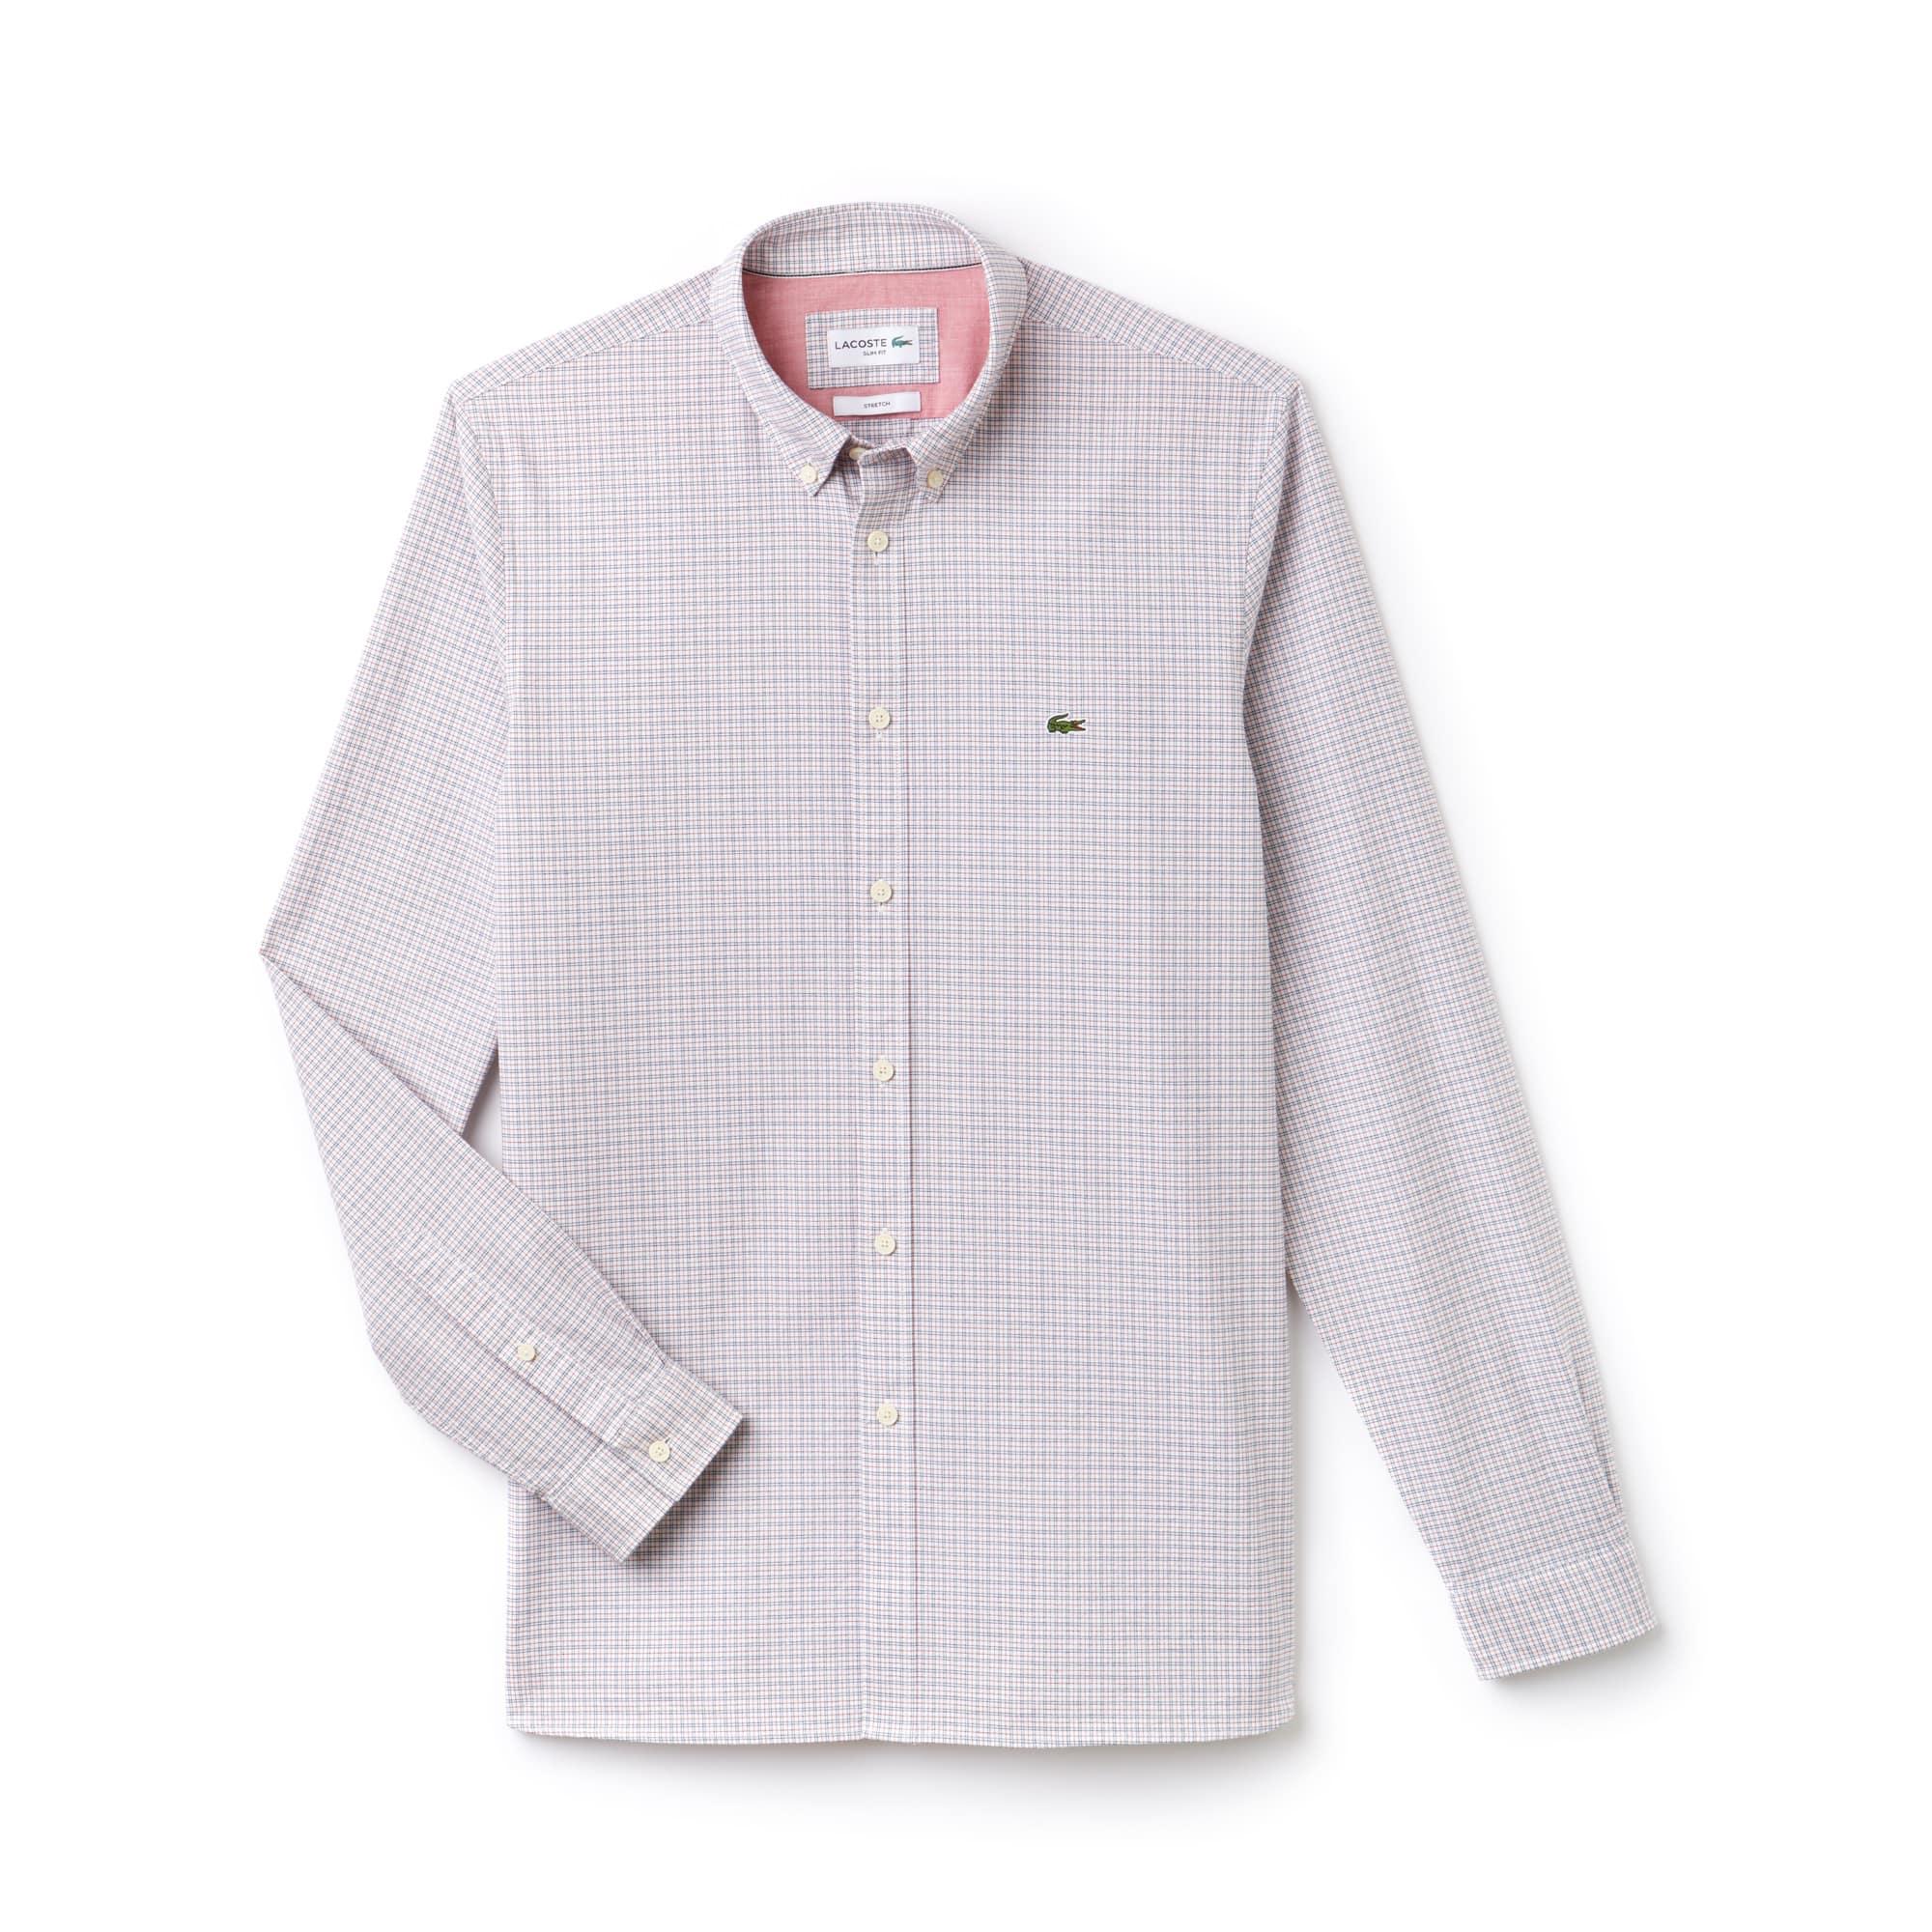 Camisa De Hombre Slim Fit En Algodón Oxford Elástico De Cuadros